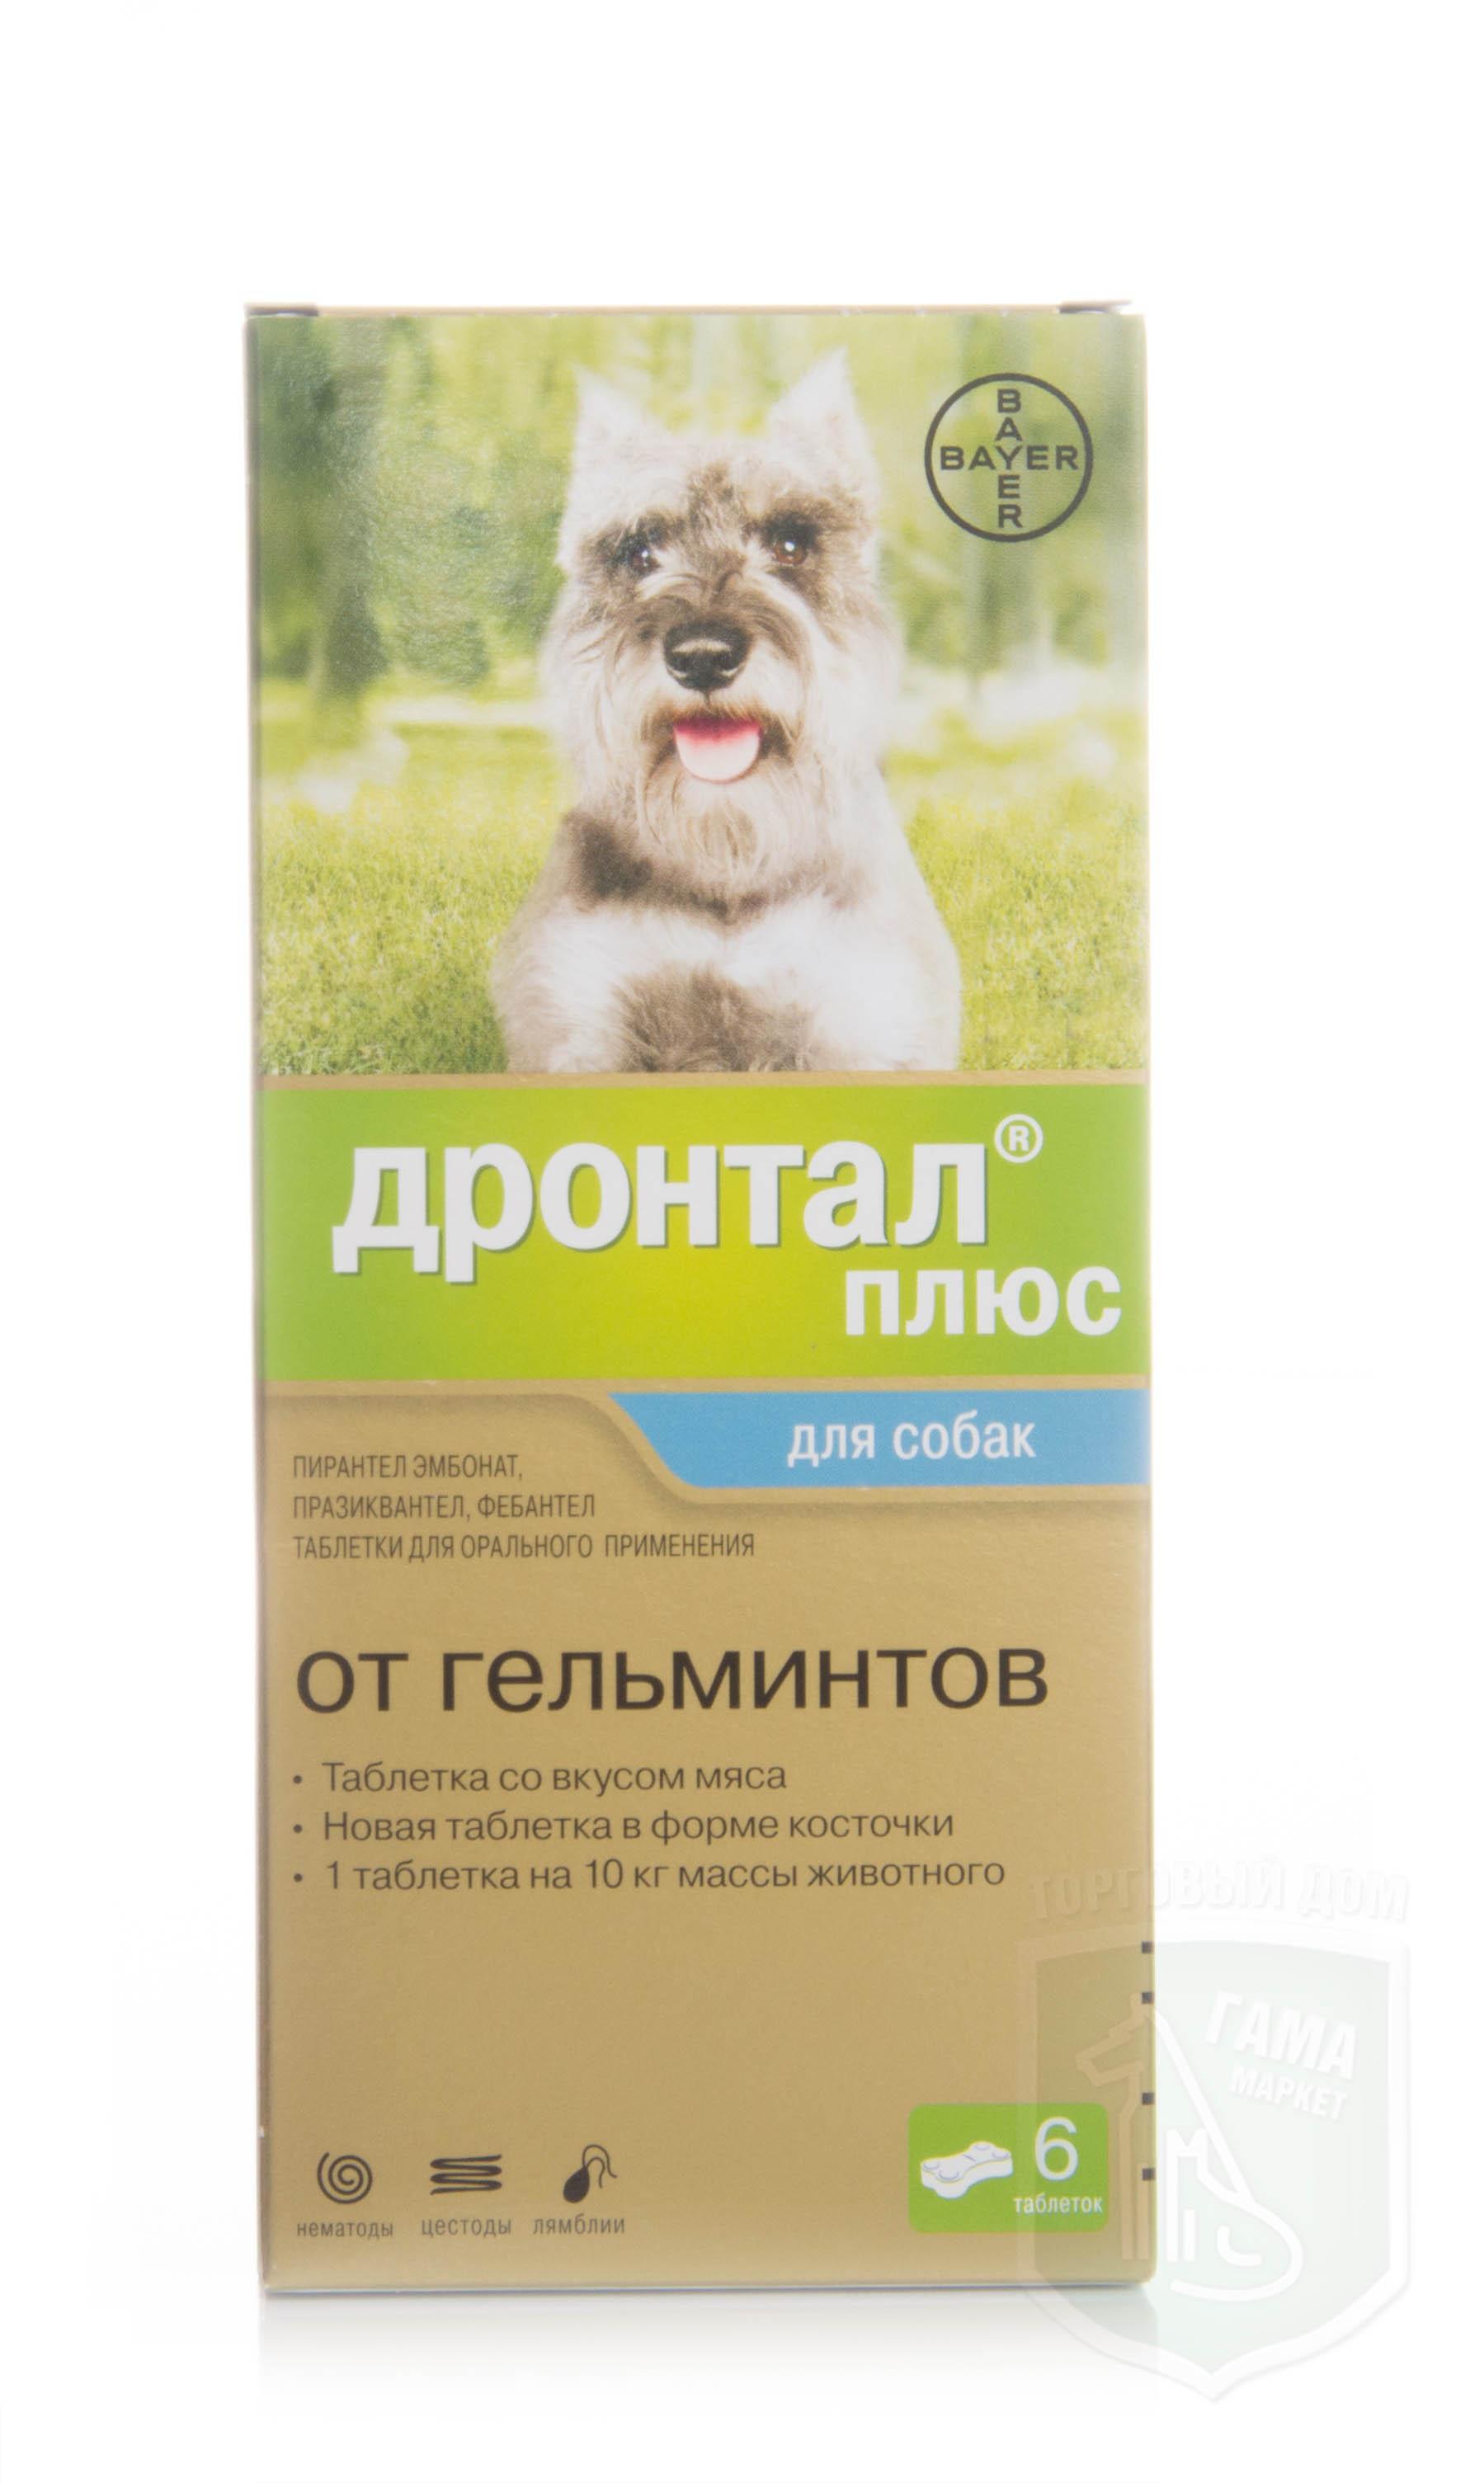 Прател для собак инструкция по применению